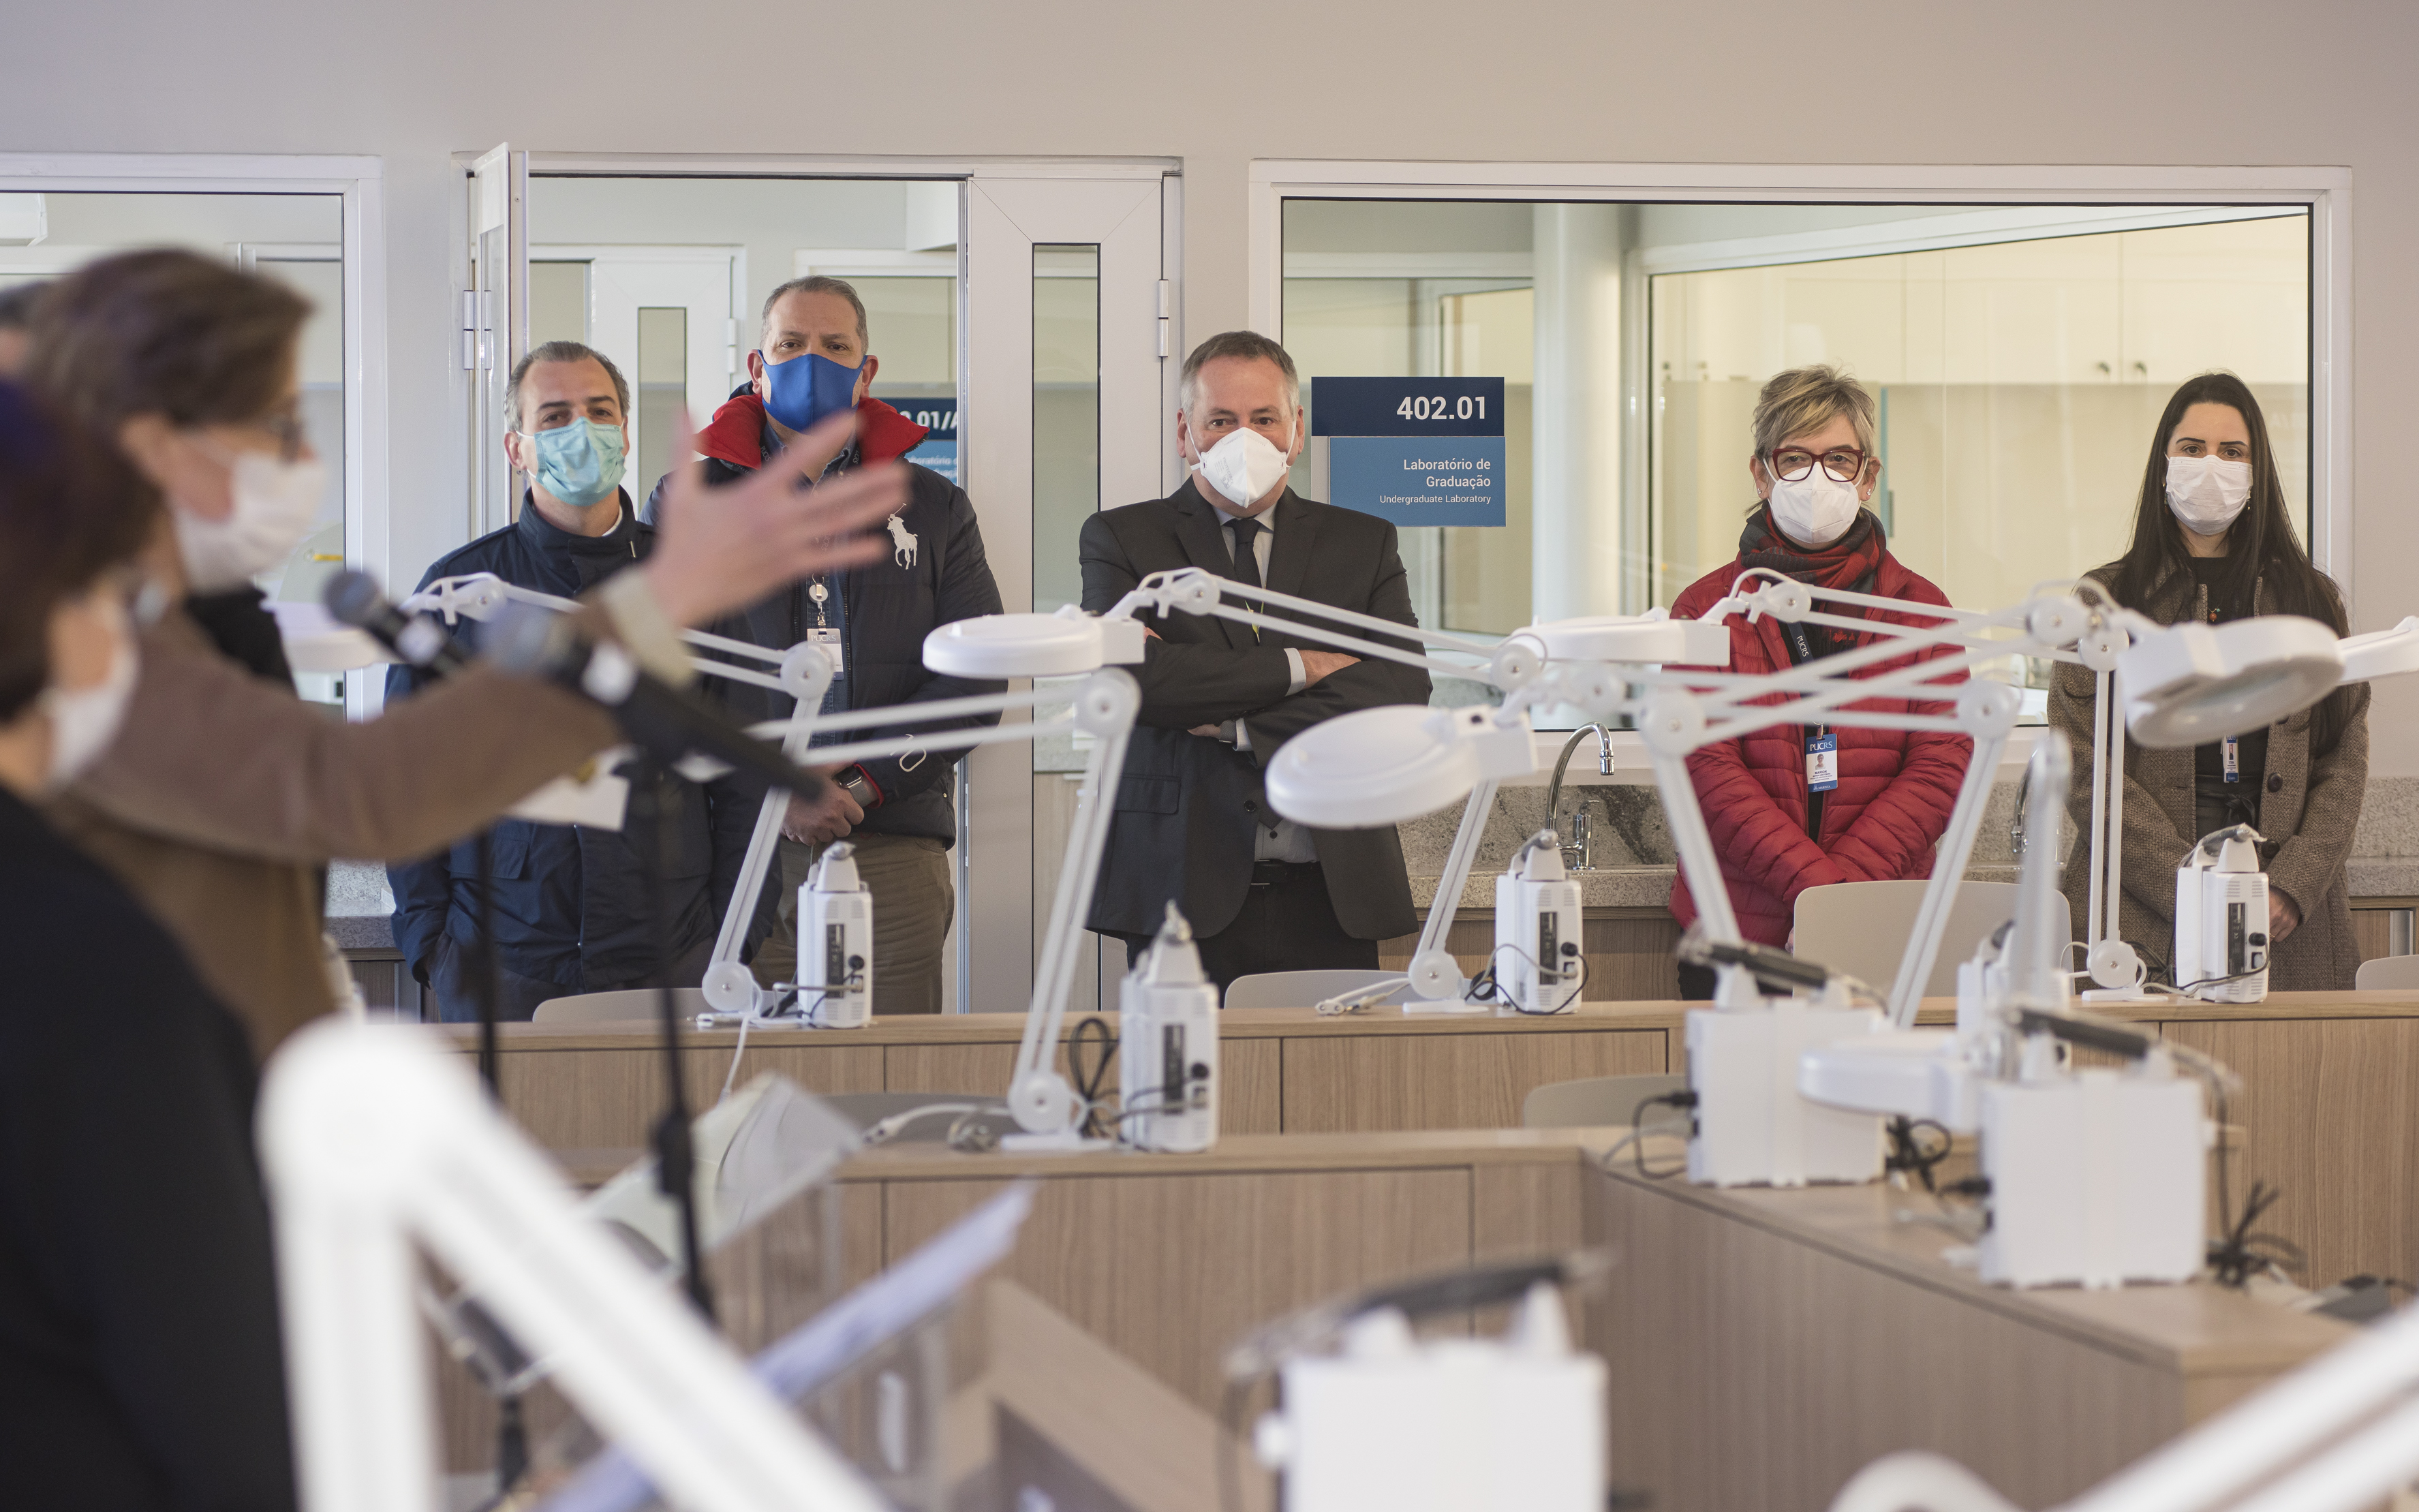 Laboratório de Odontologia é revitalizado e recebe equipamentos modernos e ergonômicos